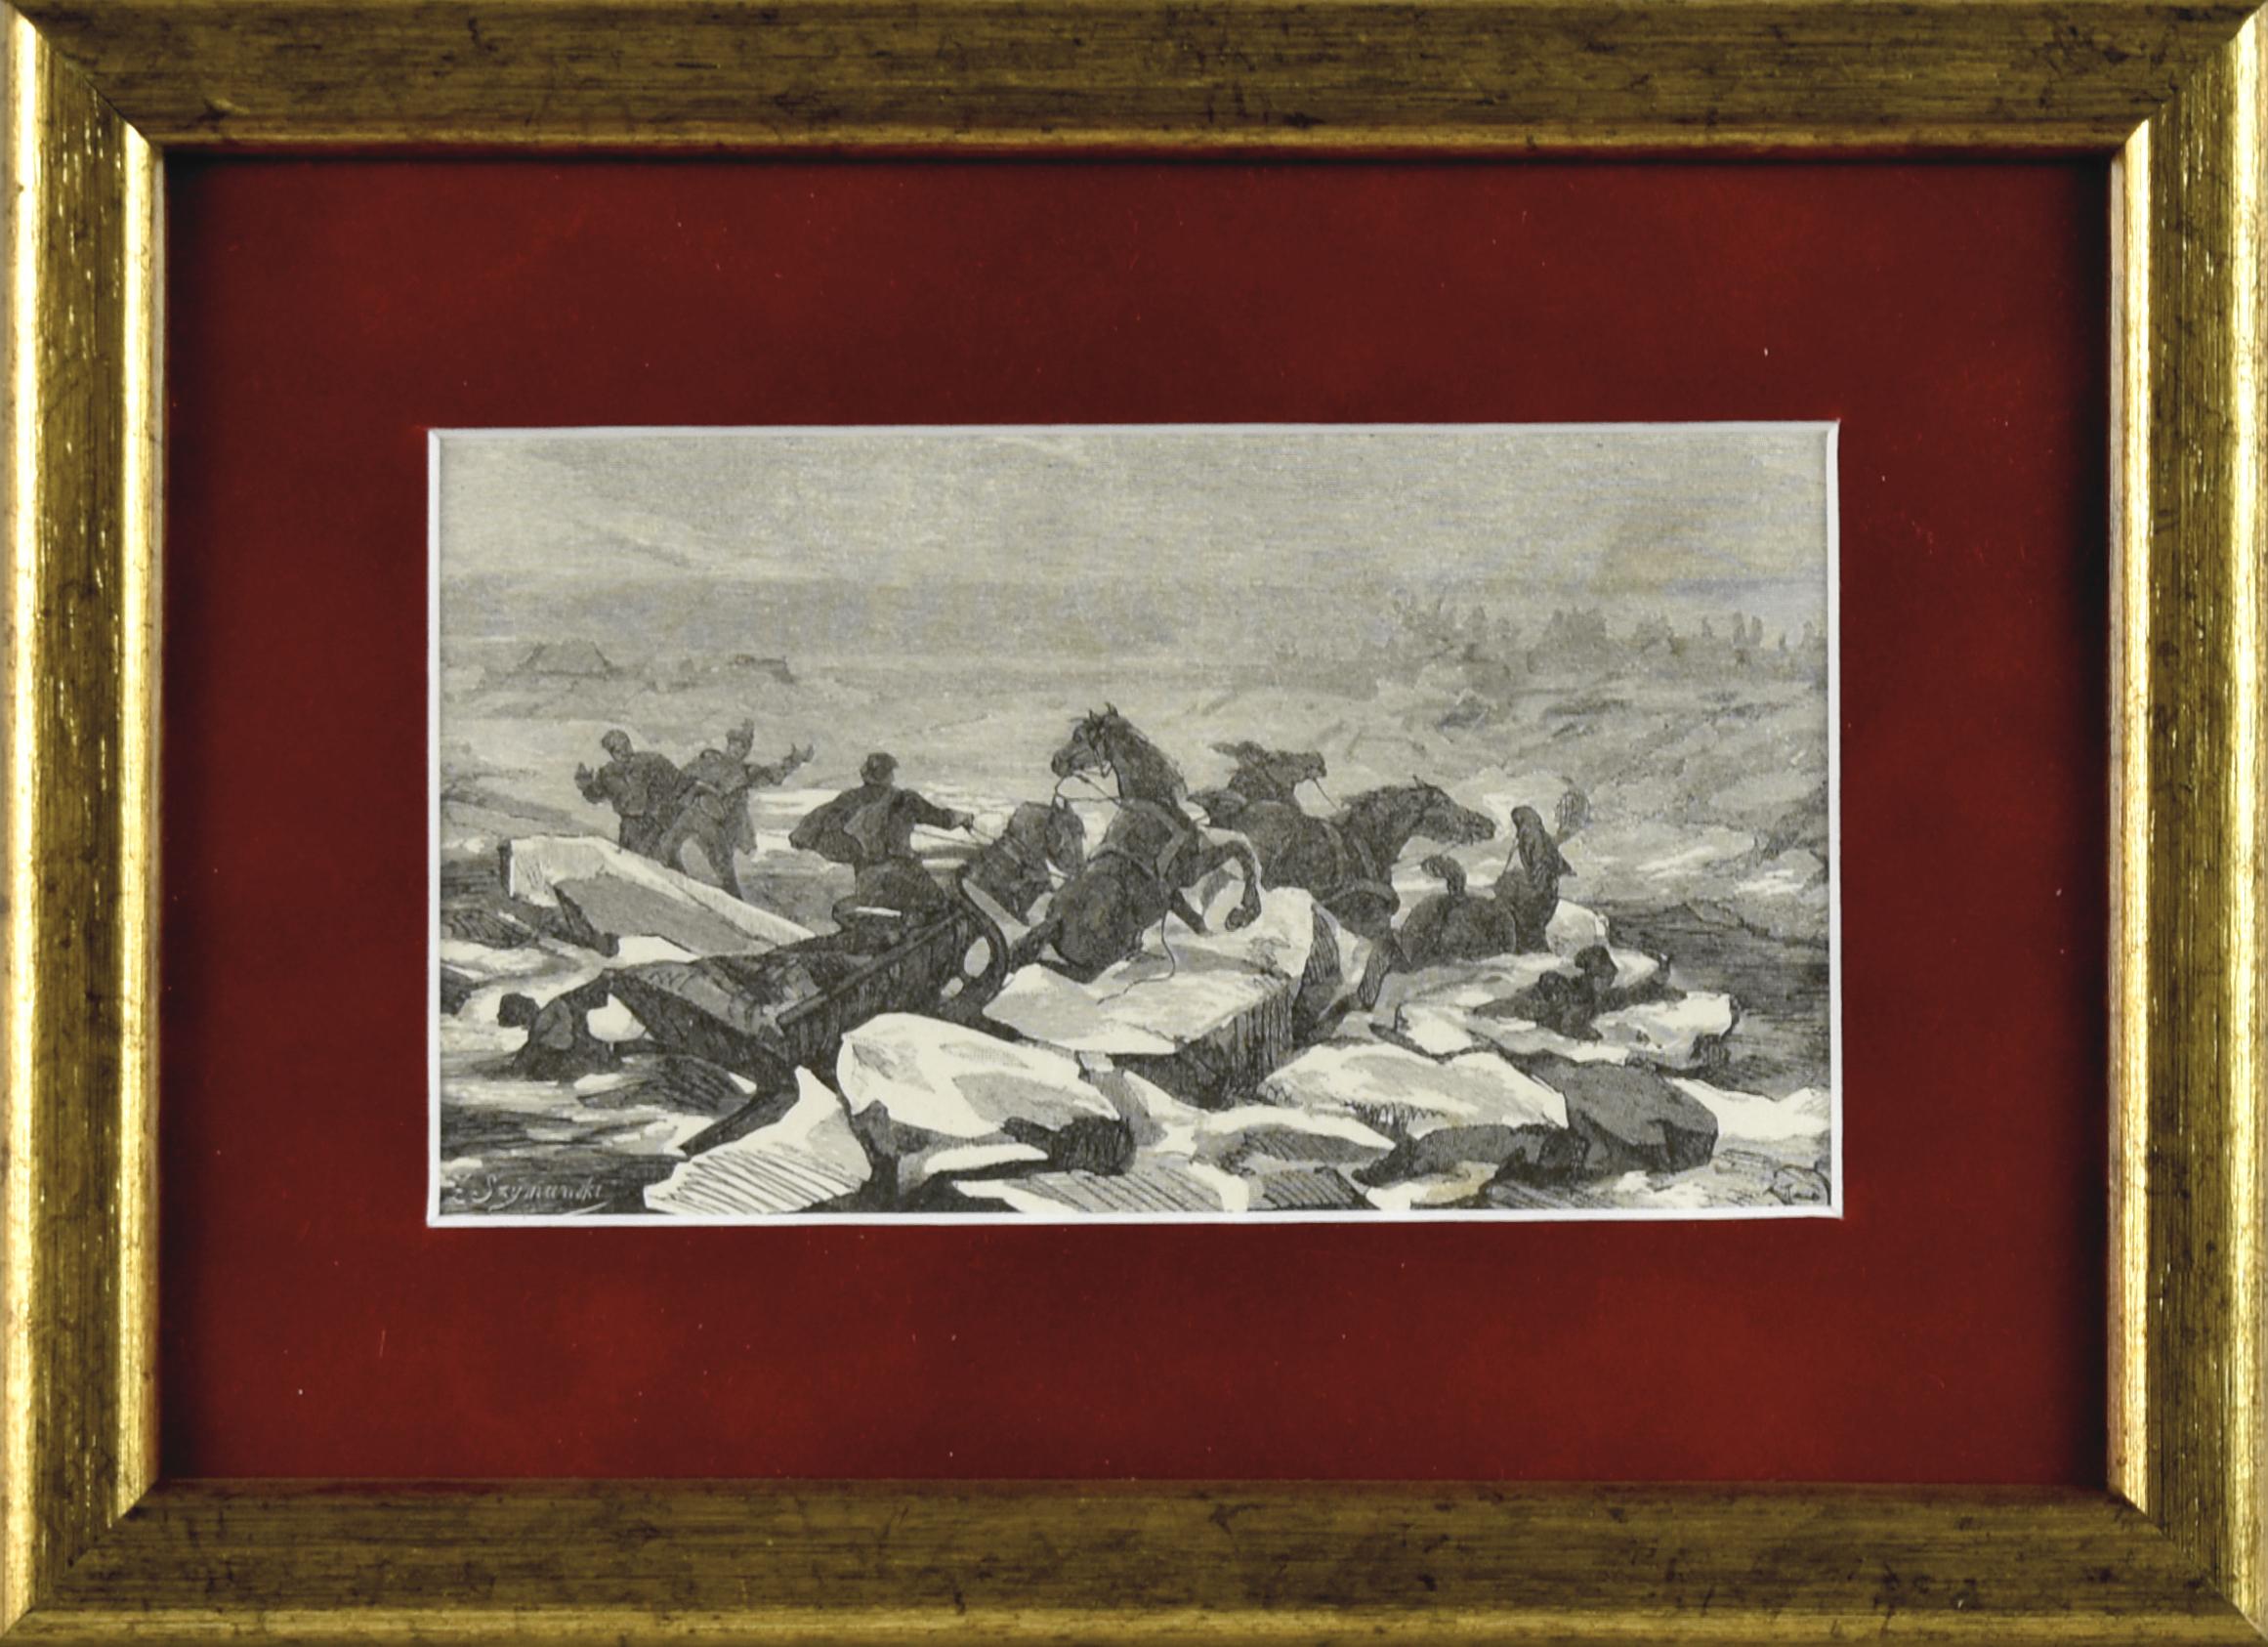 Katastrofa podczas przeprawy przez Niemen do Malinek – do narzeczonej Pana Mohorta